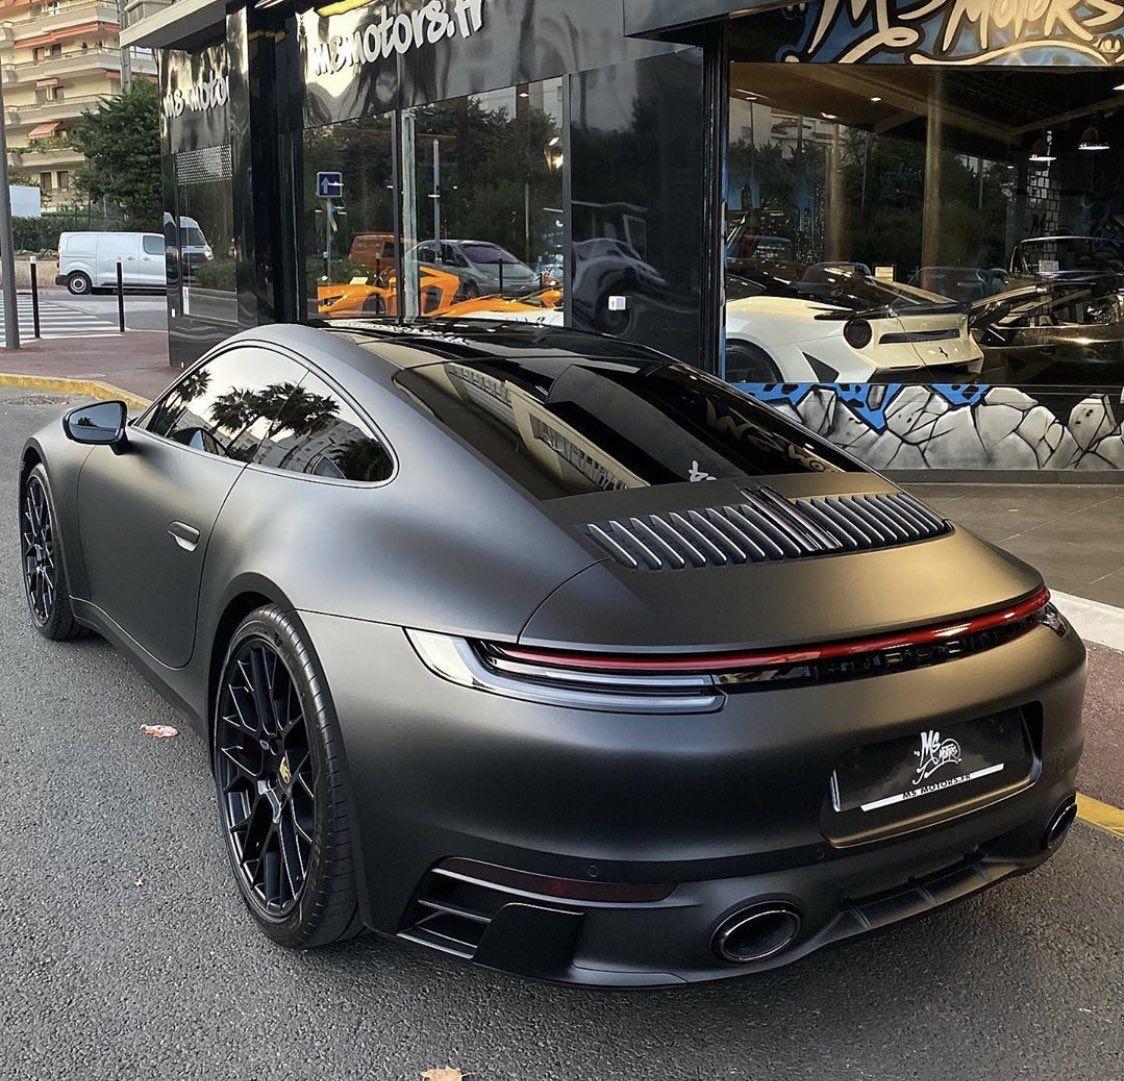 Porsche    #cars #car #luxurycar #Lamborghini #Bentley #rollroyce #gwagon #wagon #carinterior #carexterior #interior #exterior #celebrity #celebritycars #expensive #expensivecar #Mercedes #Porsche